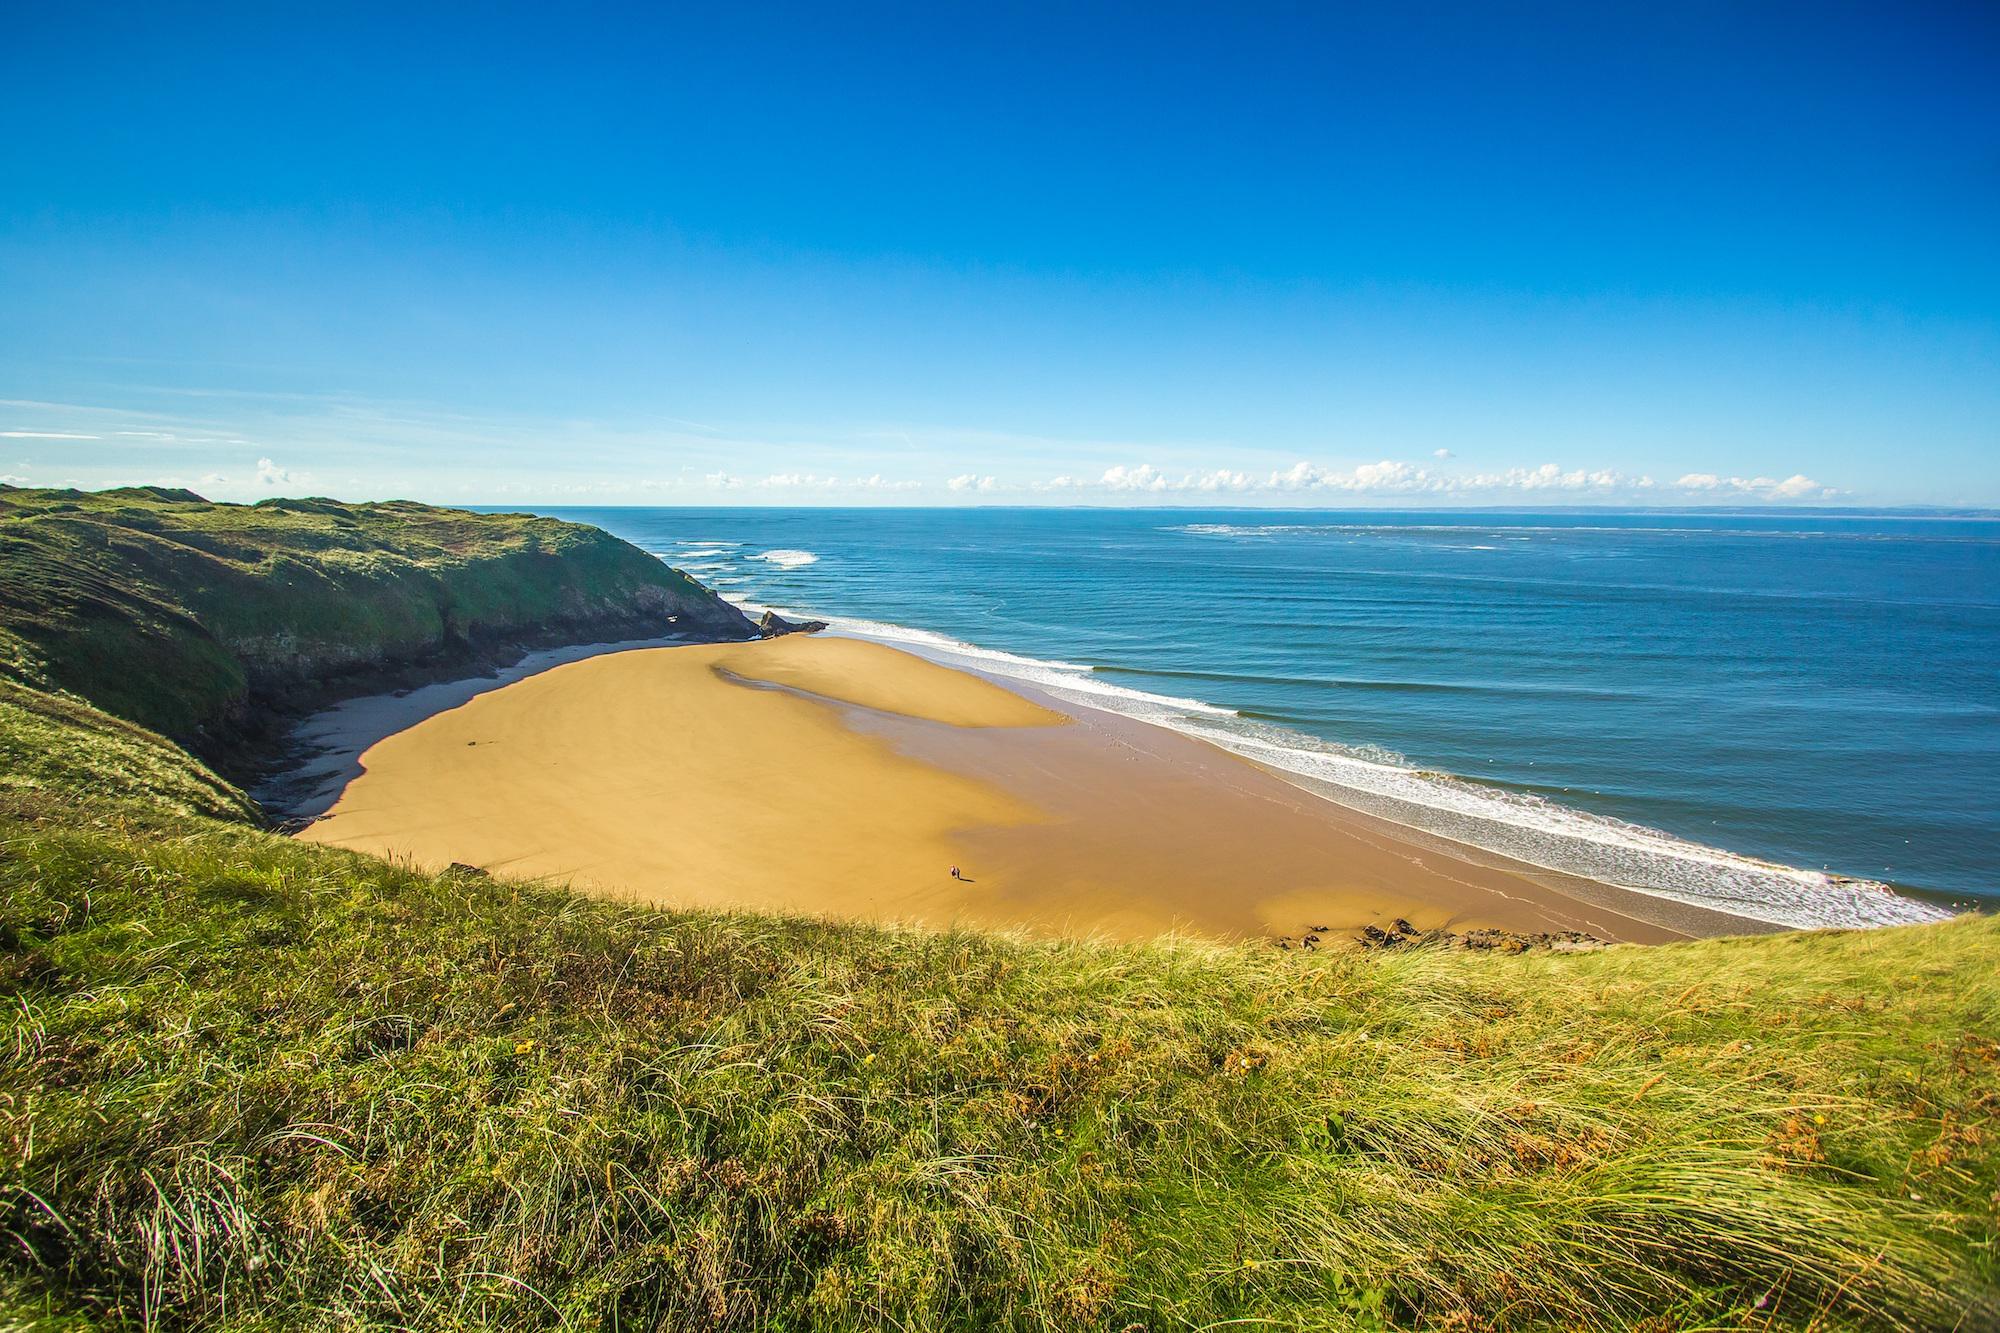 Campervan hire in South Wales | Motorhome rental in South Wales